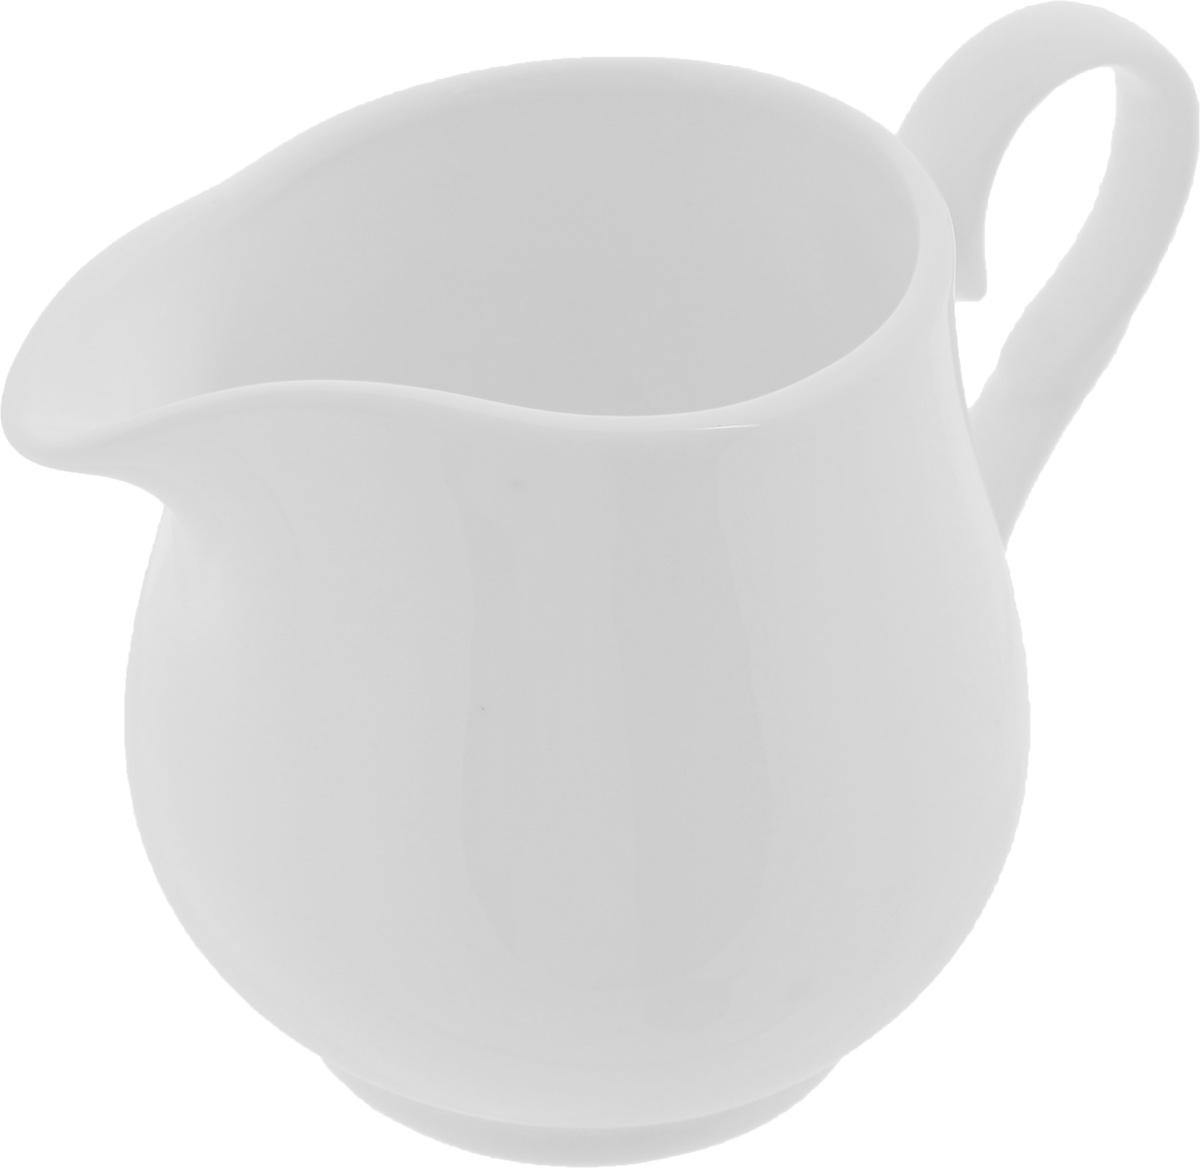 Молочник Wilmax, 300 млWL-995020 / 1CЭлегантный молочник Wilmax, выполненный из высококачественного фарфора с глазурованным покрытием, предназначен для подачи сливок, соуса и молока. Изящный, но в тоже время простой дизайн молочника, станет прекрасным украшением стола. Диаметр молочника по верхнему краю: 6,2 см.Диаметр основания: 5,5 см. Высота молочника: 9 см.